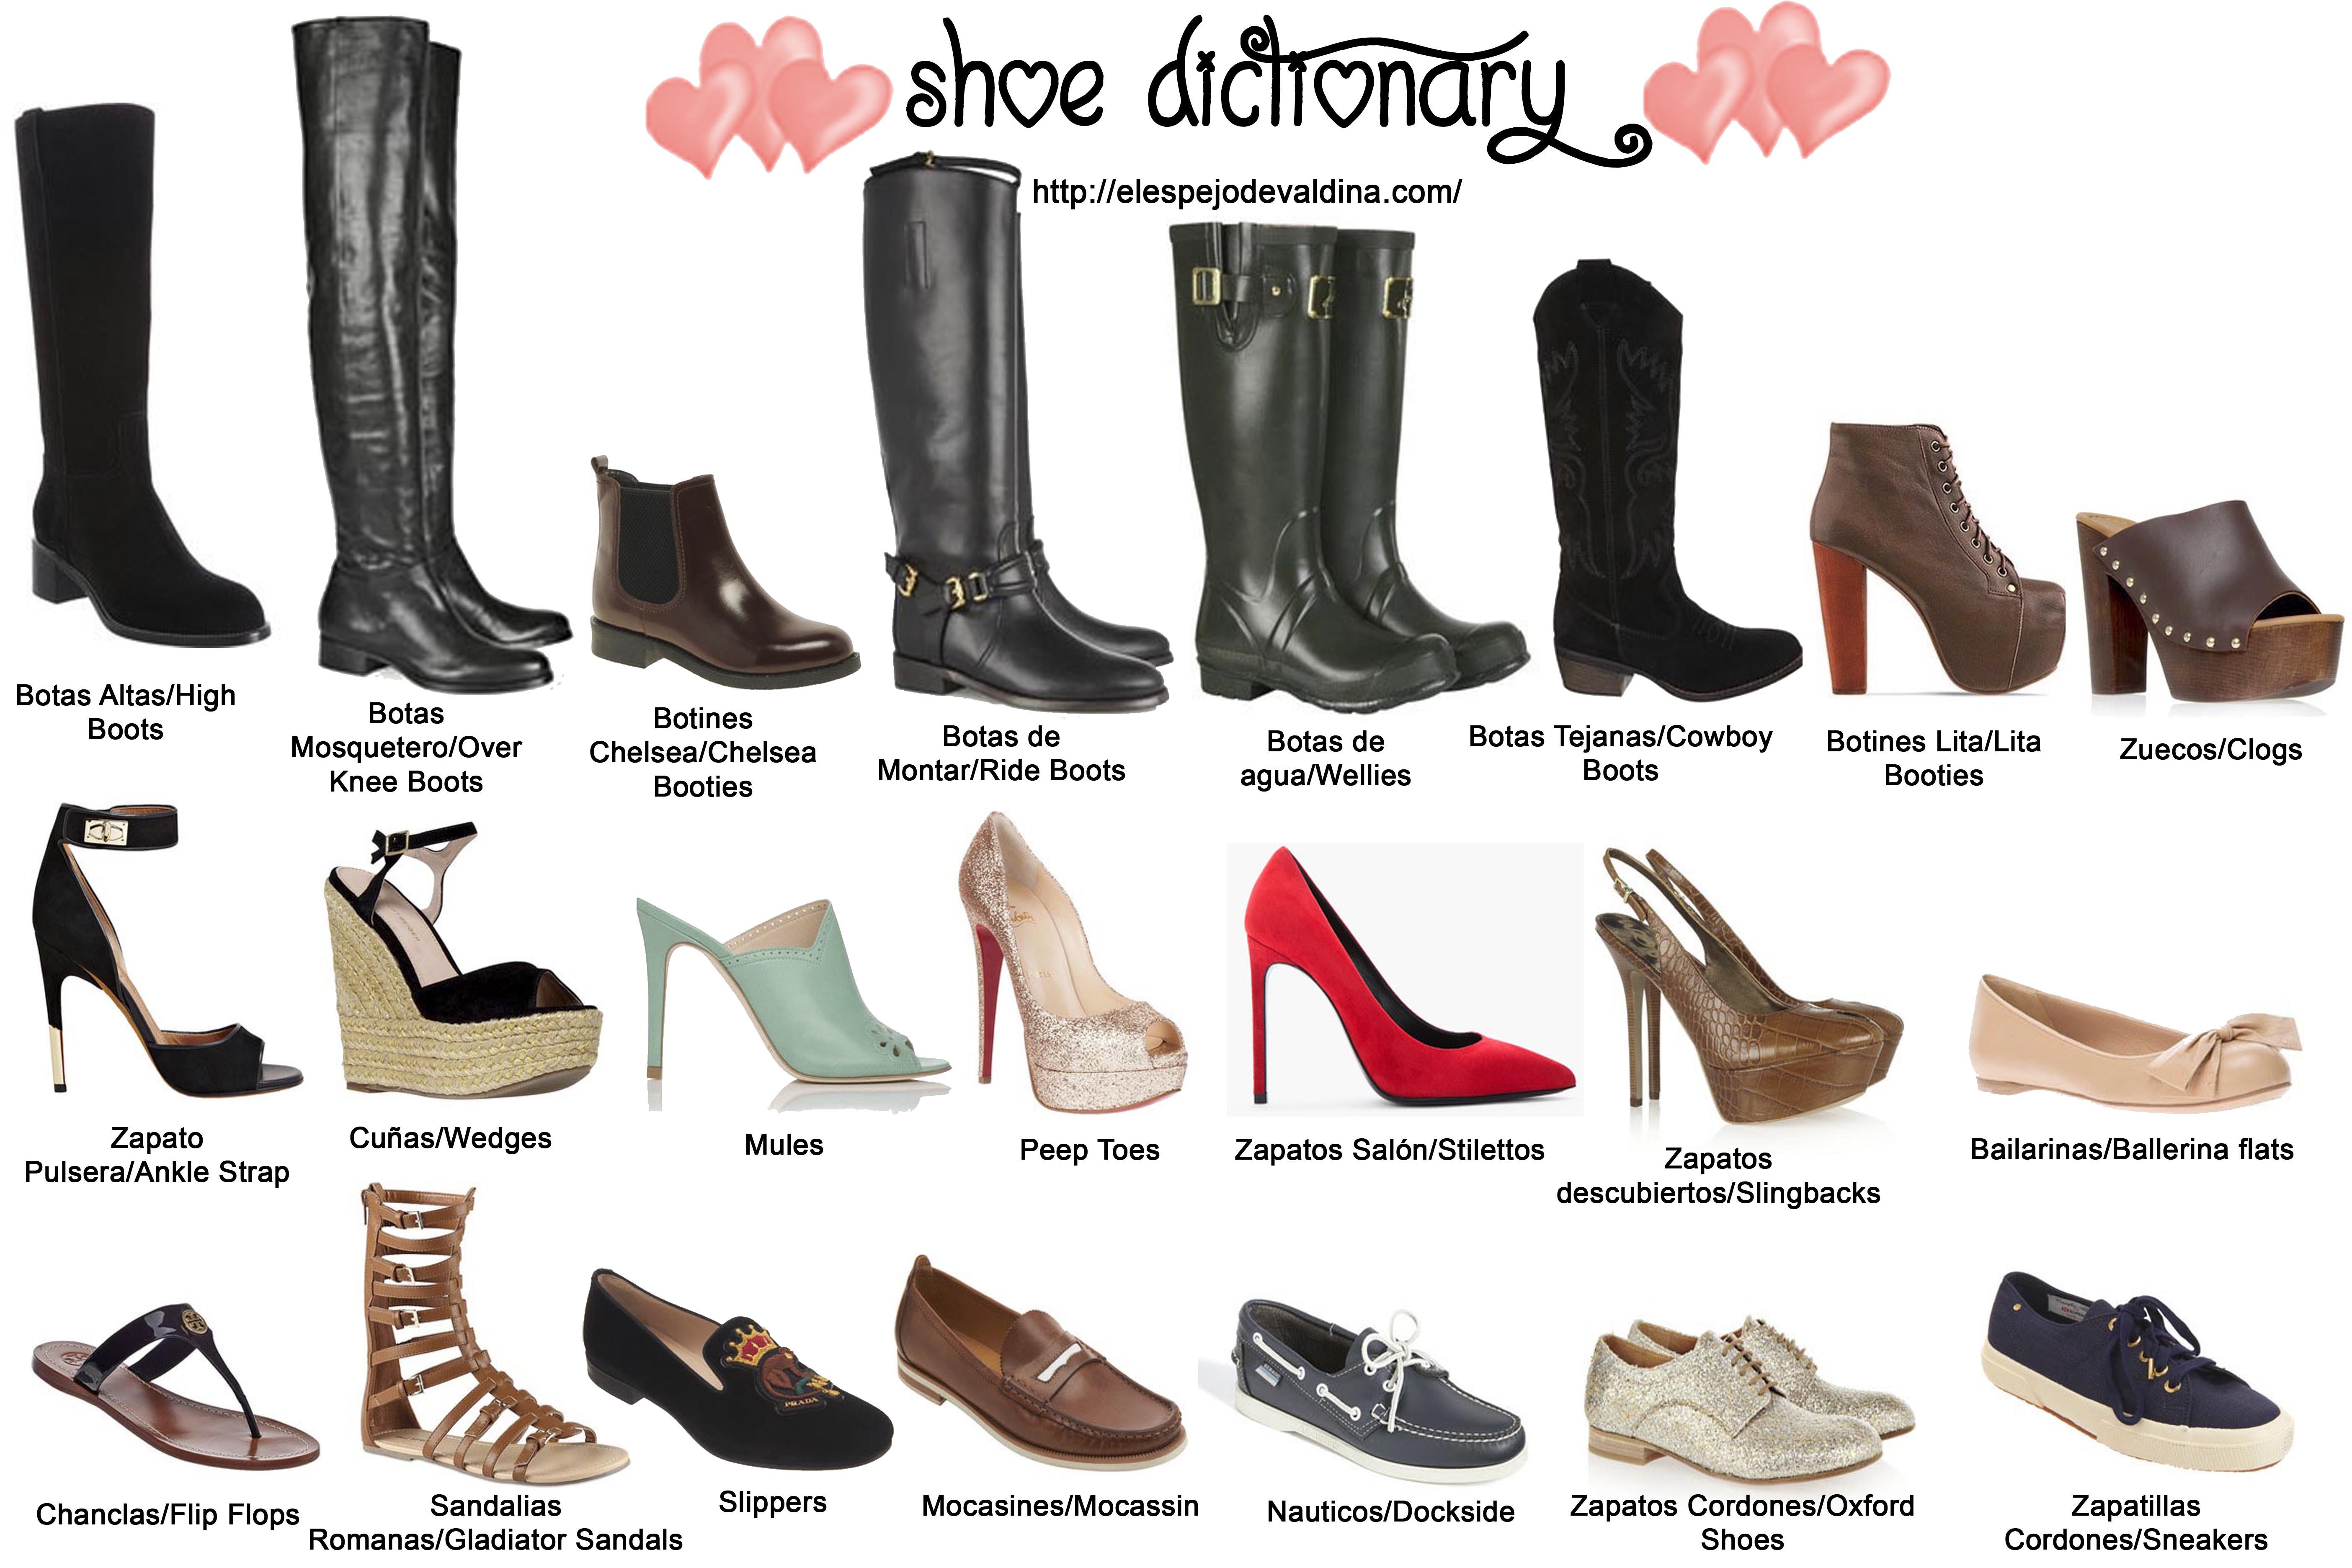 e72f296b8 Diccionario de la moda calzado II • Calzados Benavente